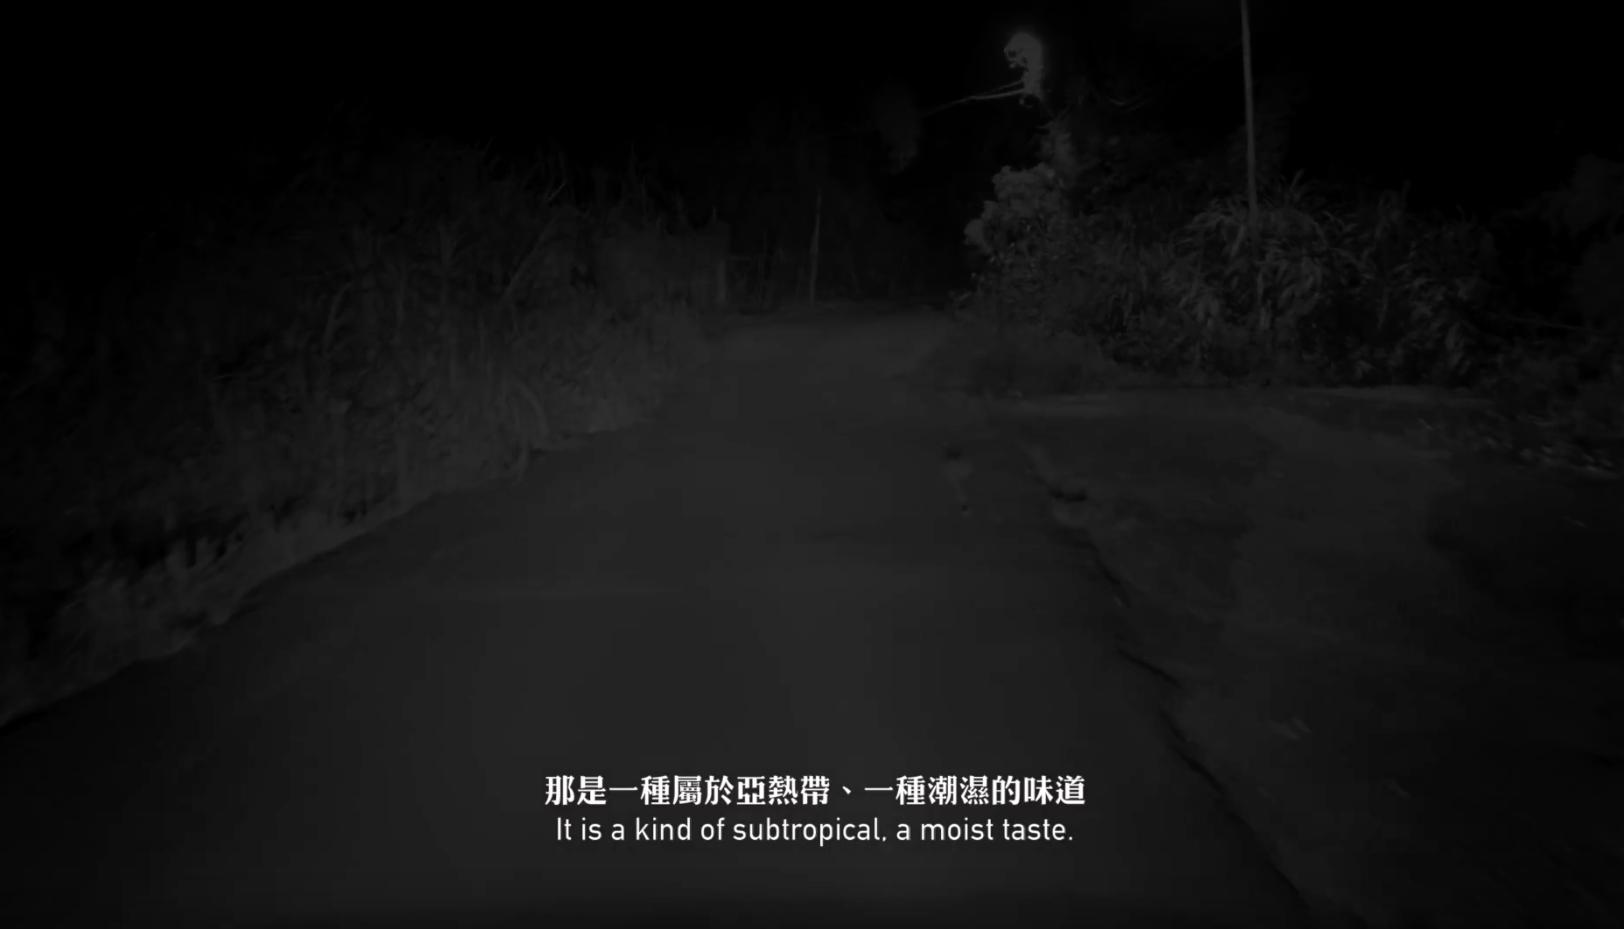 Screen Shot 2018-03-07 at 5.36.40 PM.png